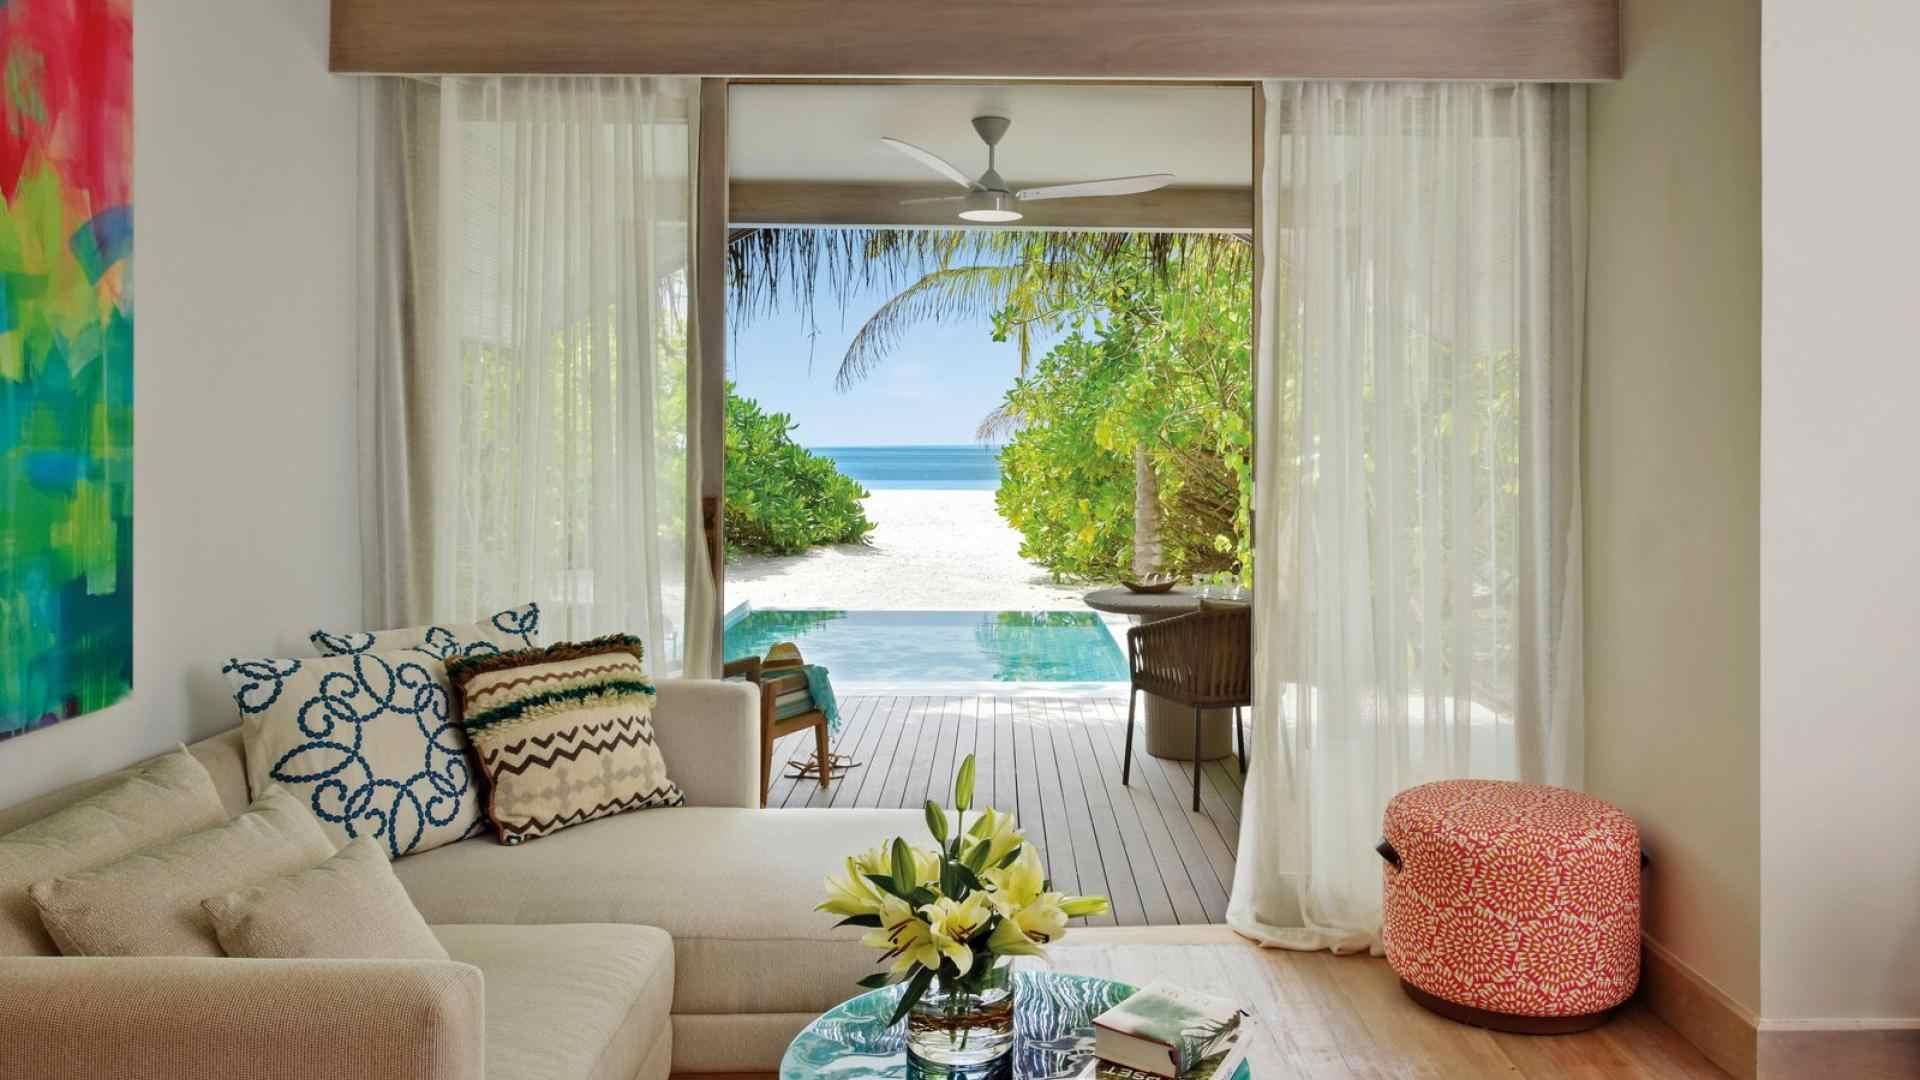 Kanuhura_Rooms_Beach_Pool_Villa_7-1599×1067-e28edece-2c3a-42e5-908c-e3f63f33313a